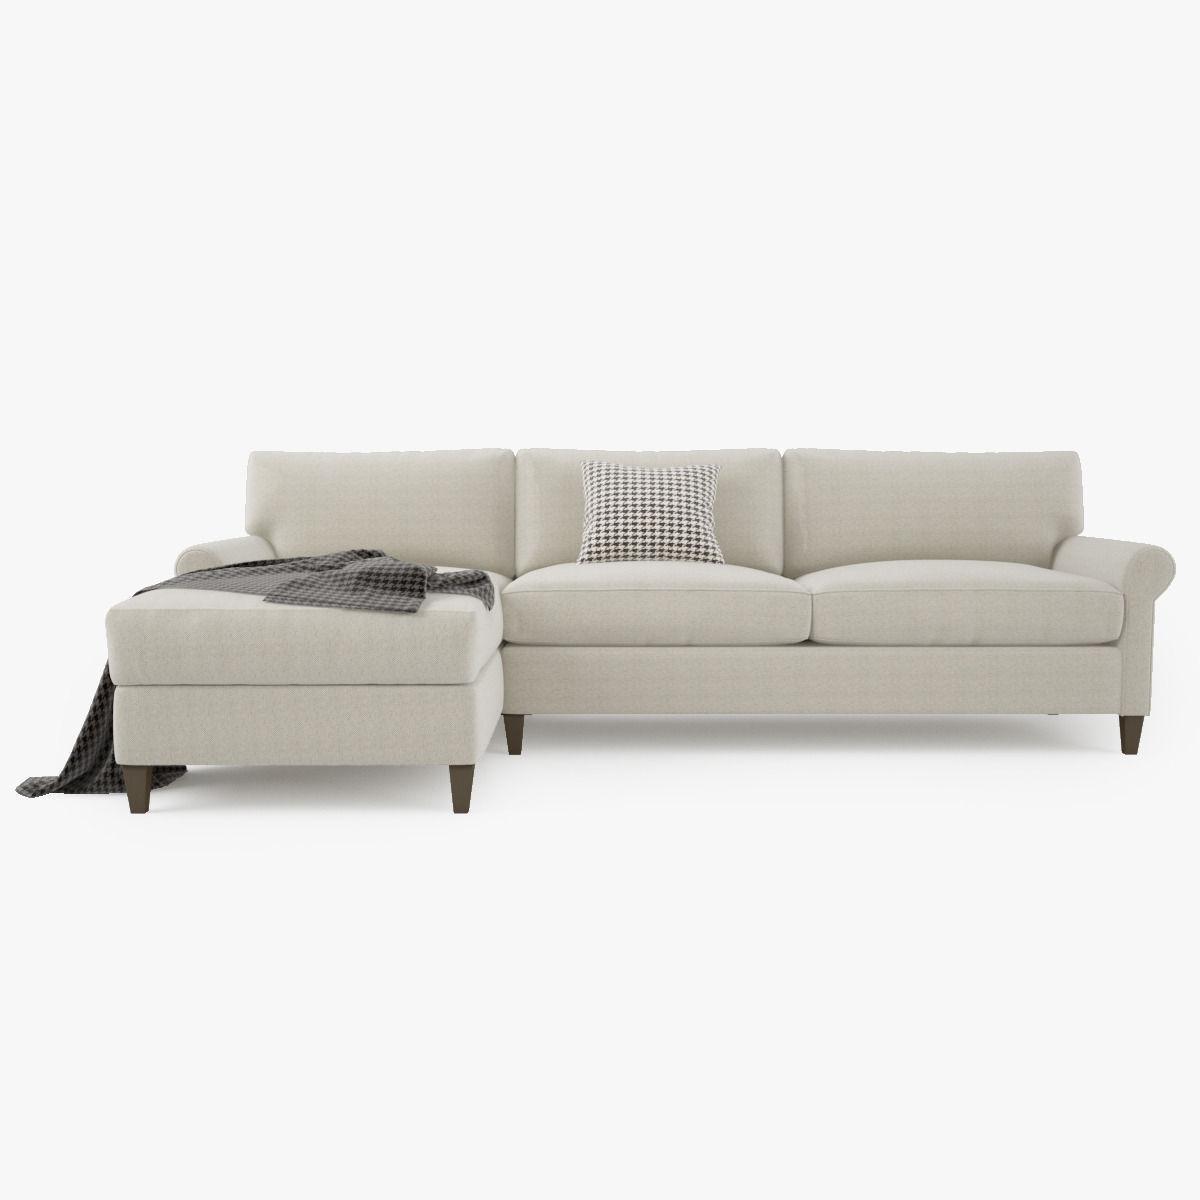 ... Crate And Barrel Montclair 2 Piece Sectional Sofa 3d Model Max Obj Fbx  Mtl 2 ...